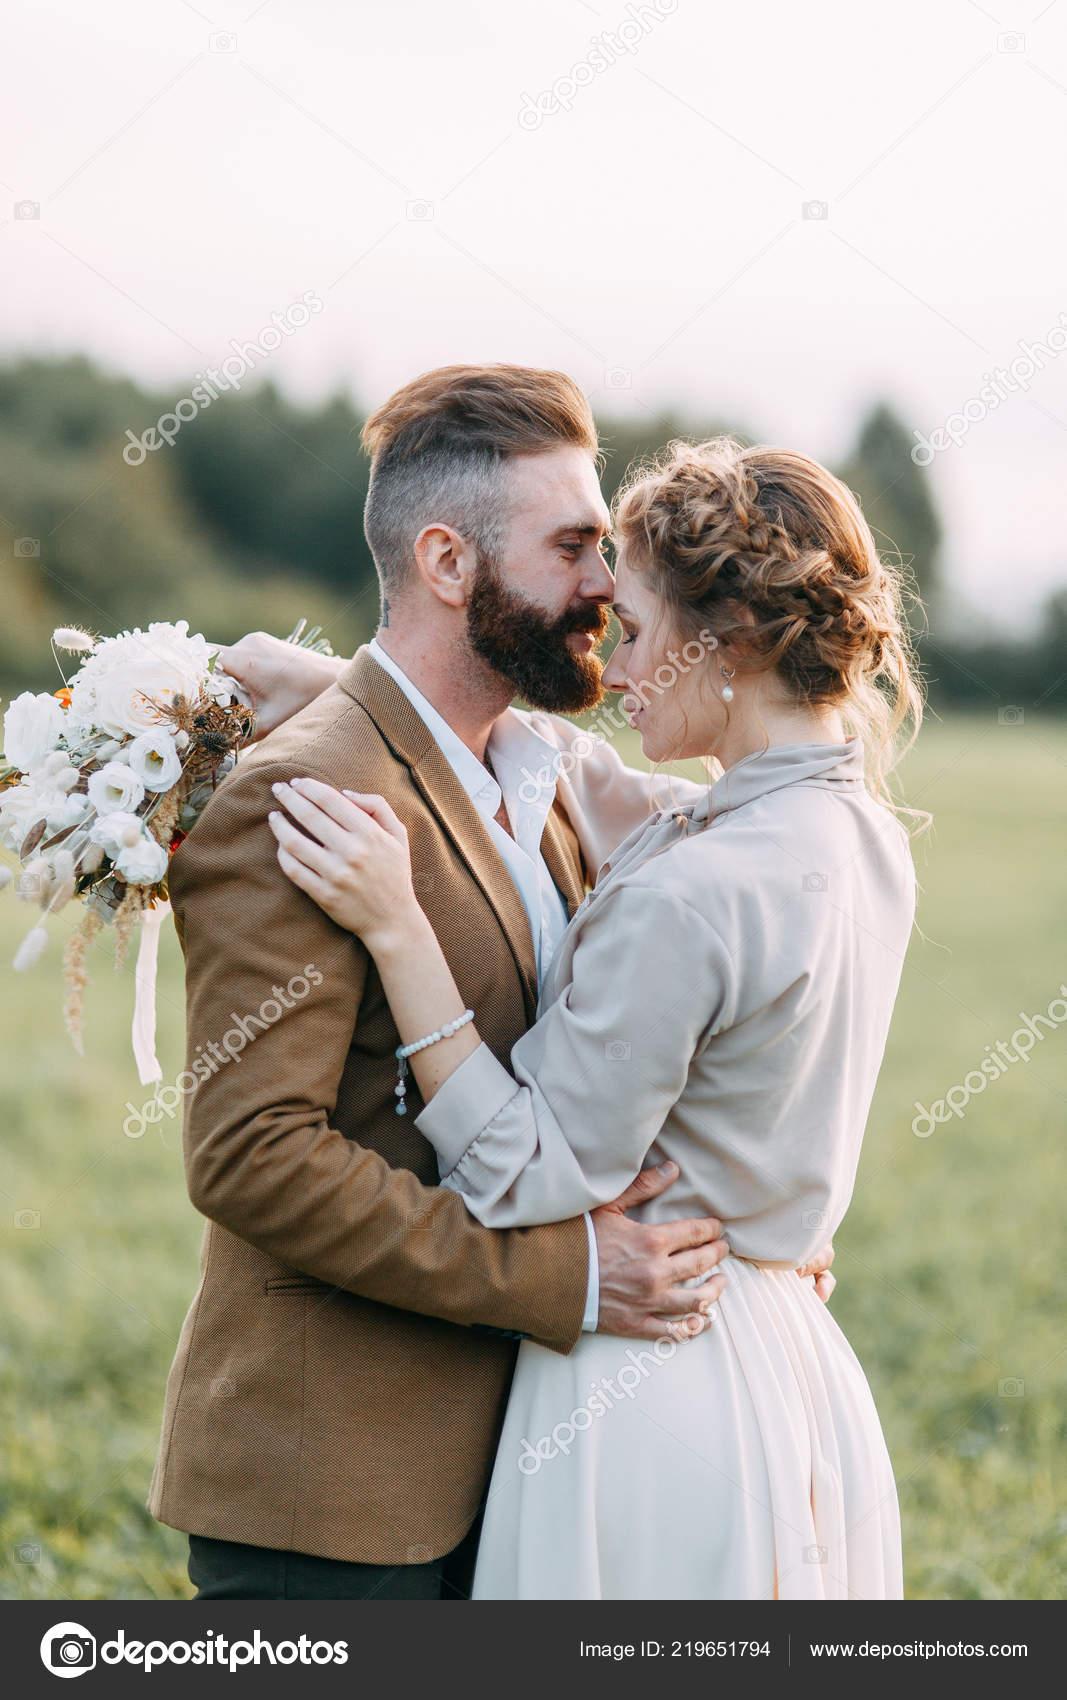 American dating matrimonio buona seconda e-mail per incontri online